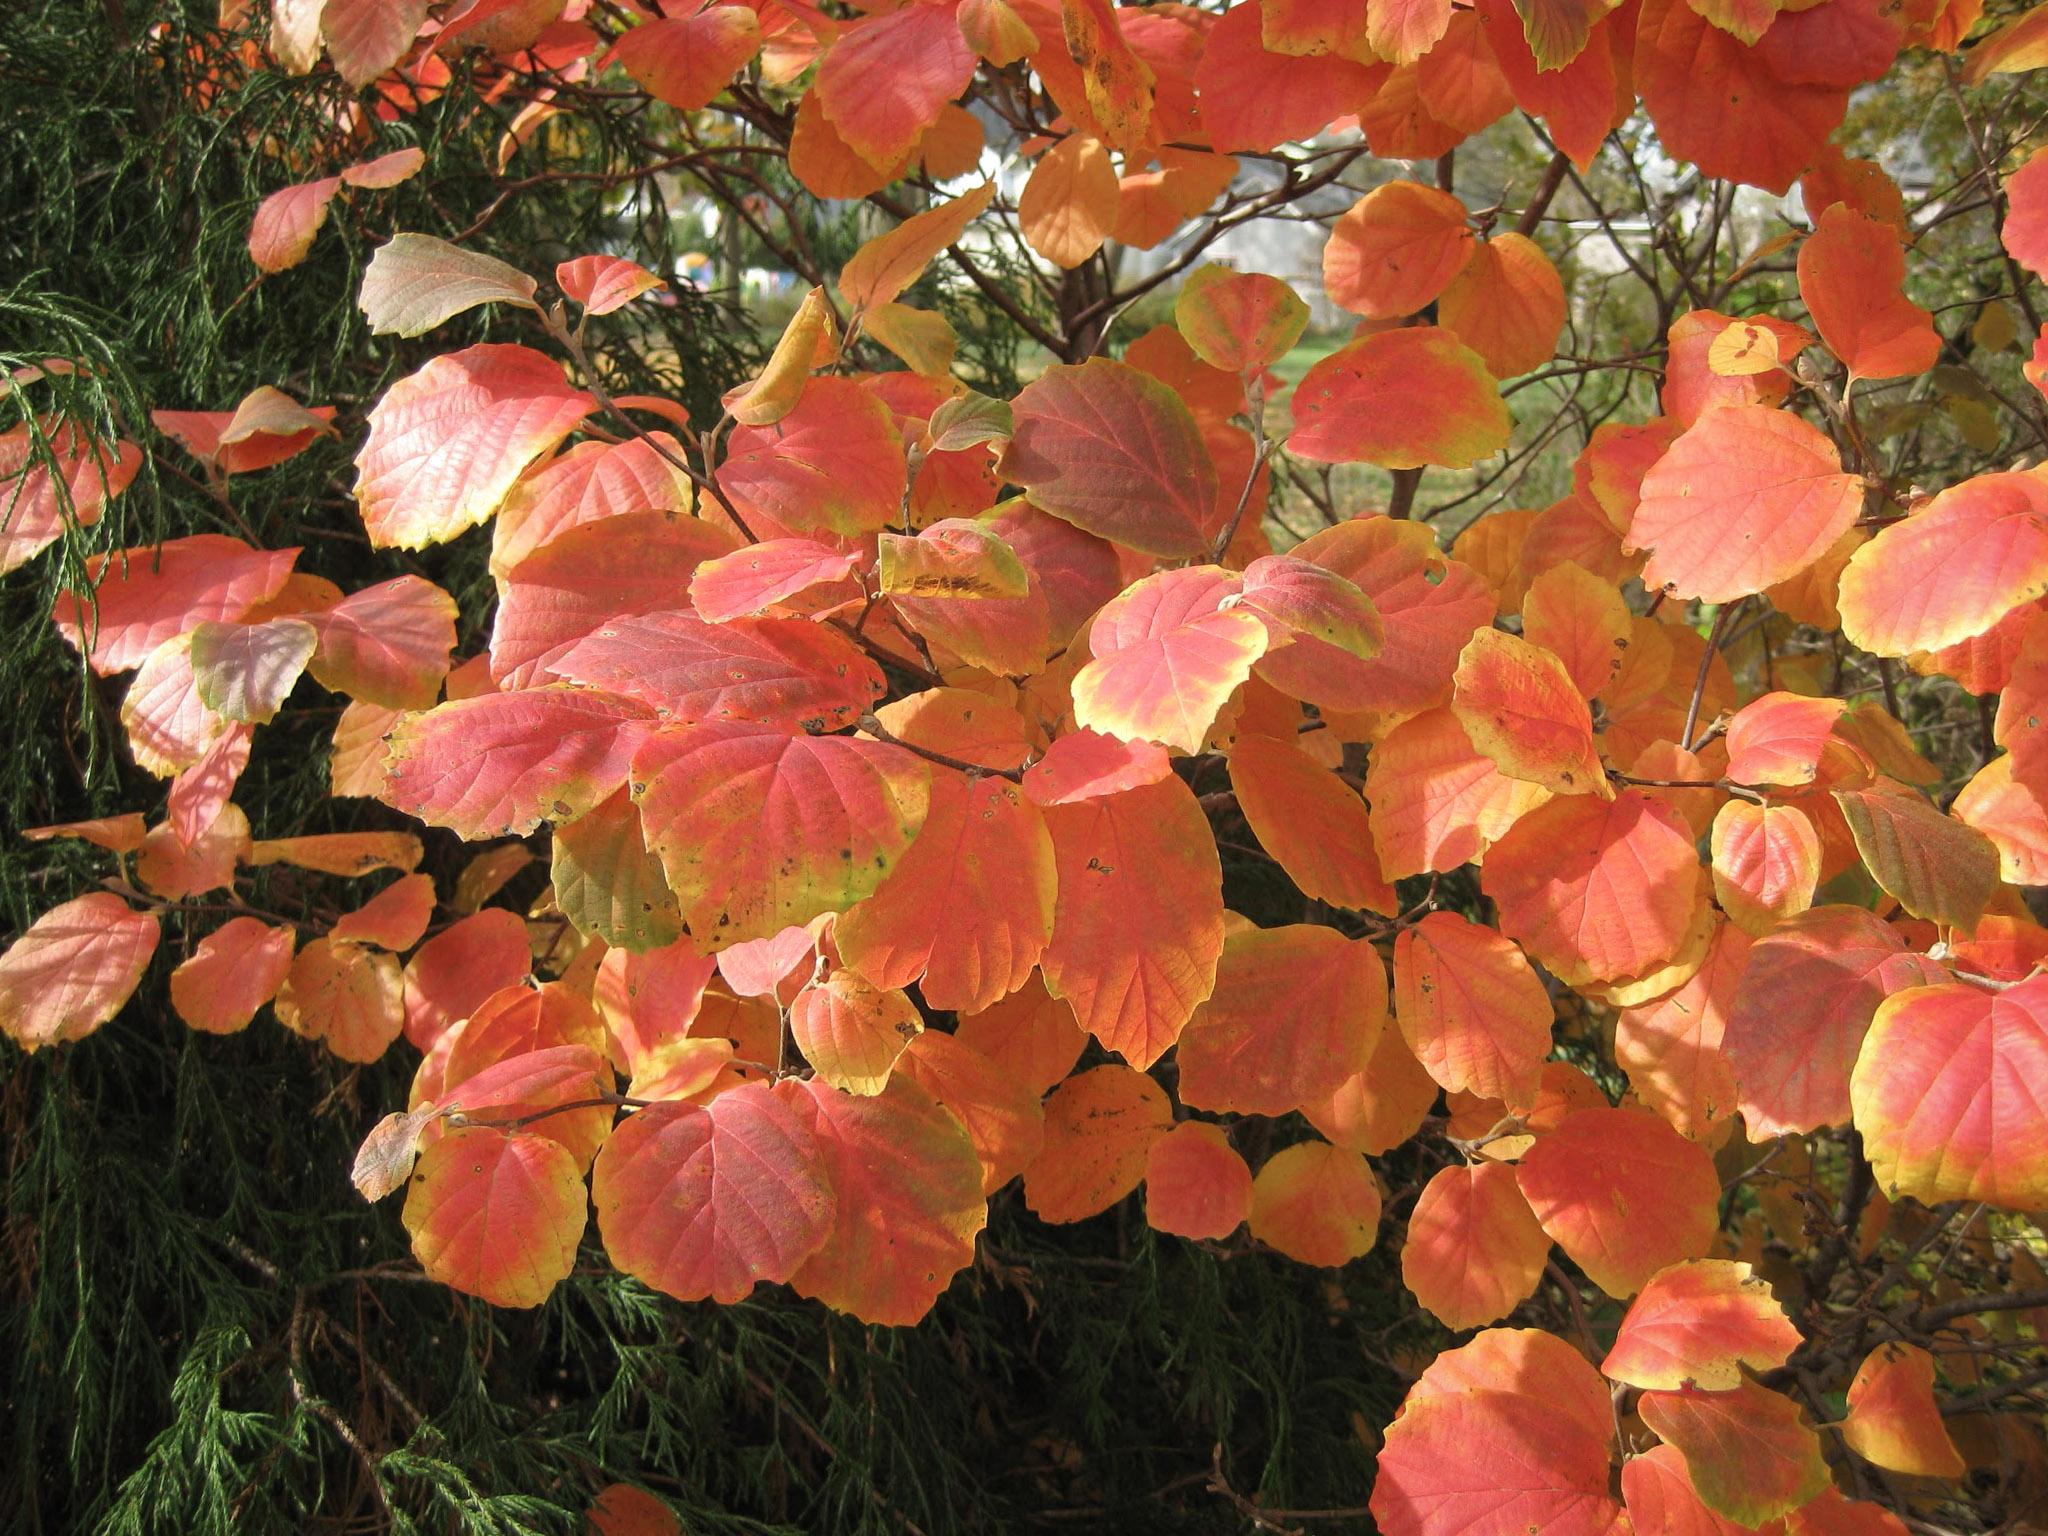 Krūmas japoninis puošmedis rudenį